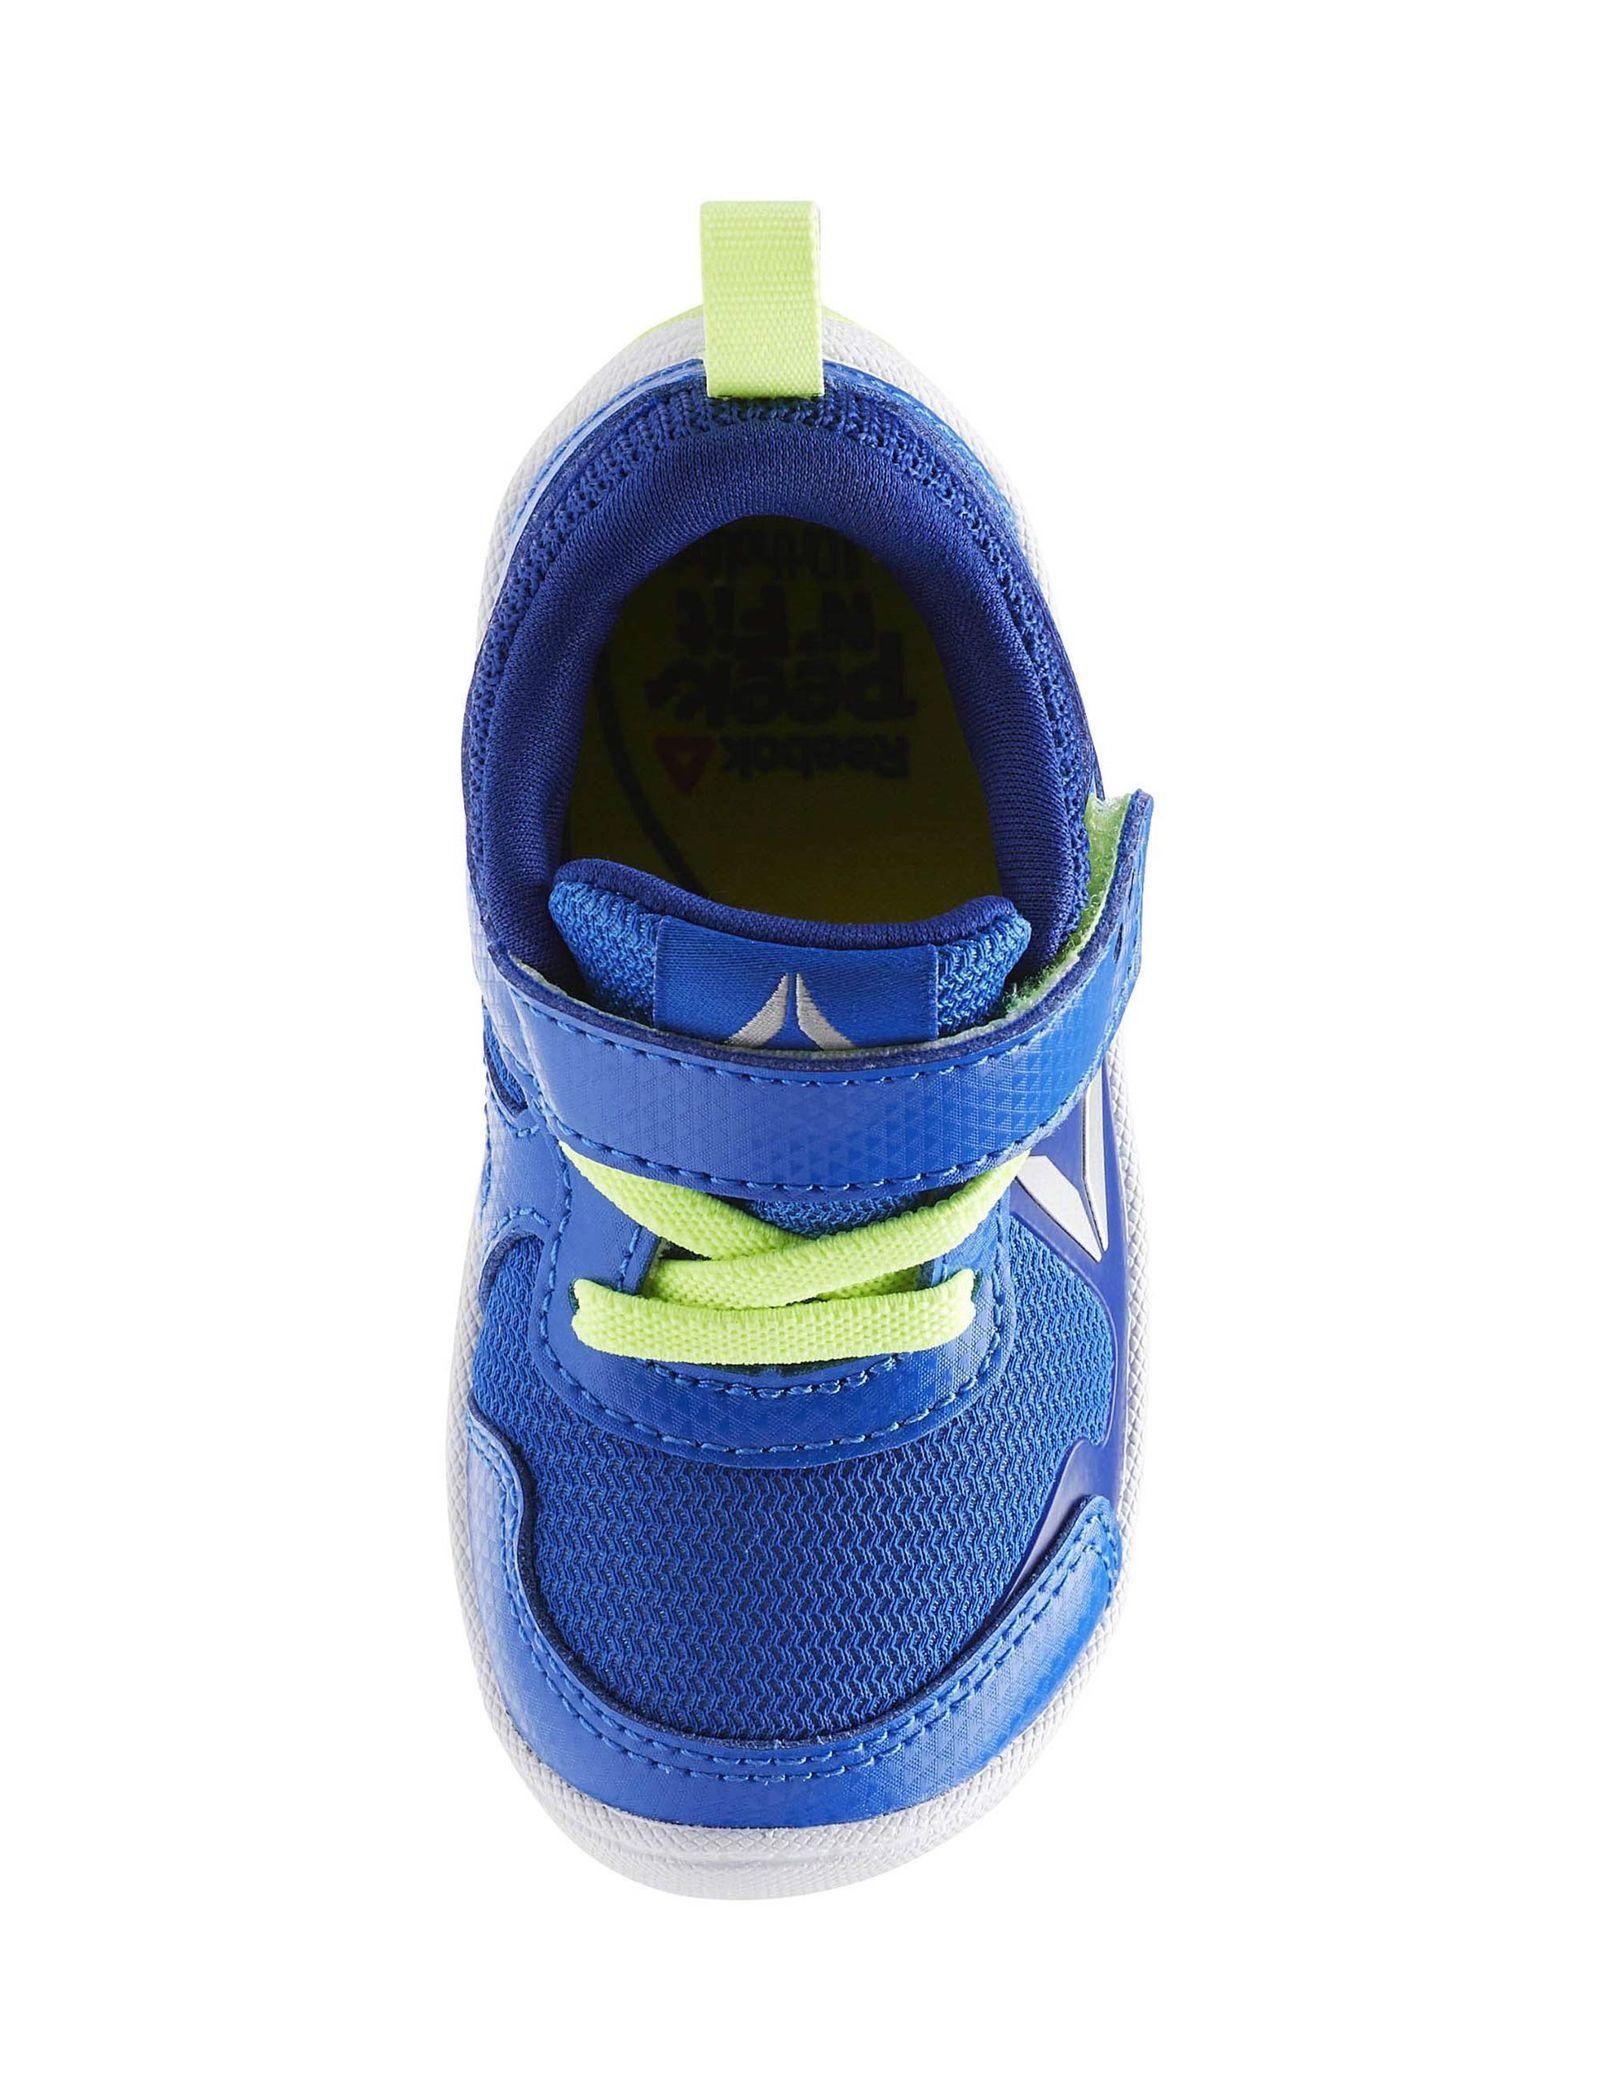 کفش دویدن چسبی نوزادی Ventureflex Stride 5-0 - ریباک - آبي - 5